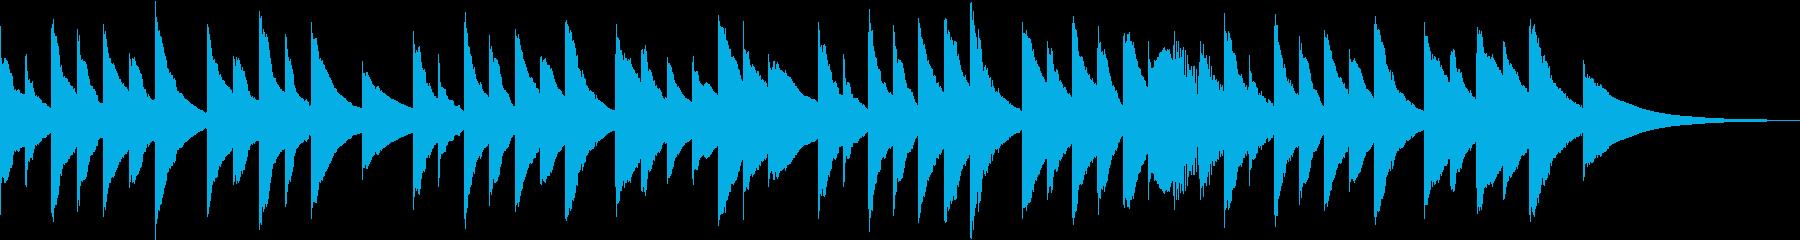 ヒーリング オルゴール 癒し の再生済みの波形